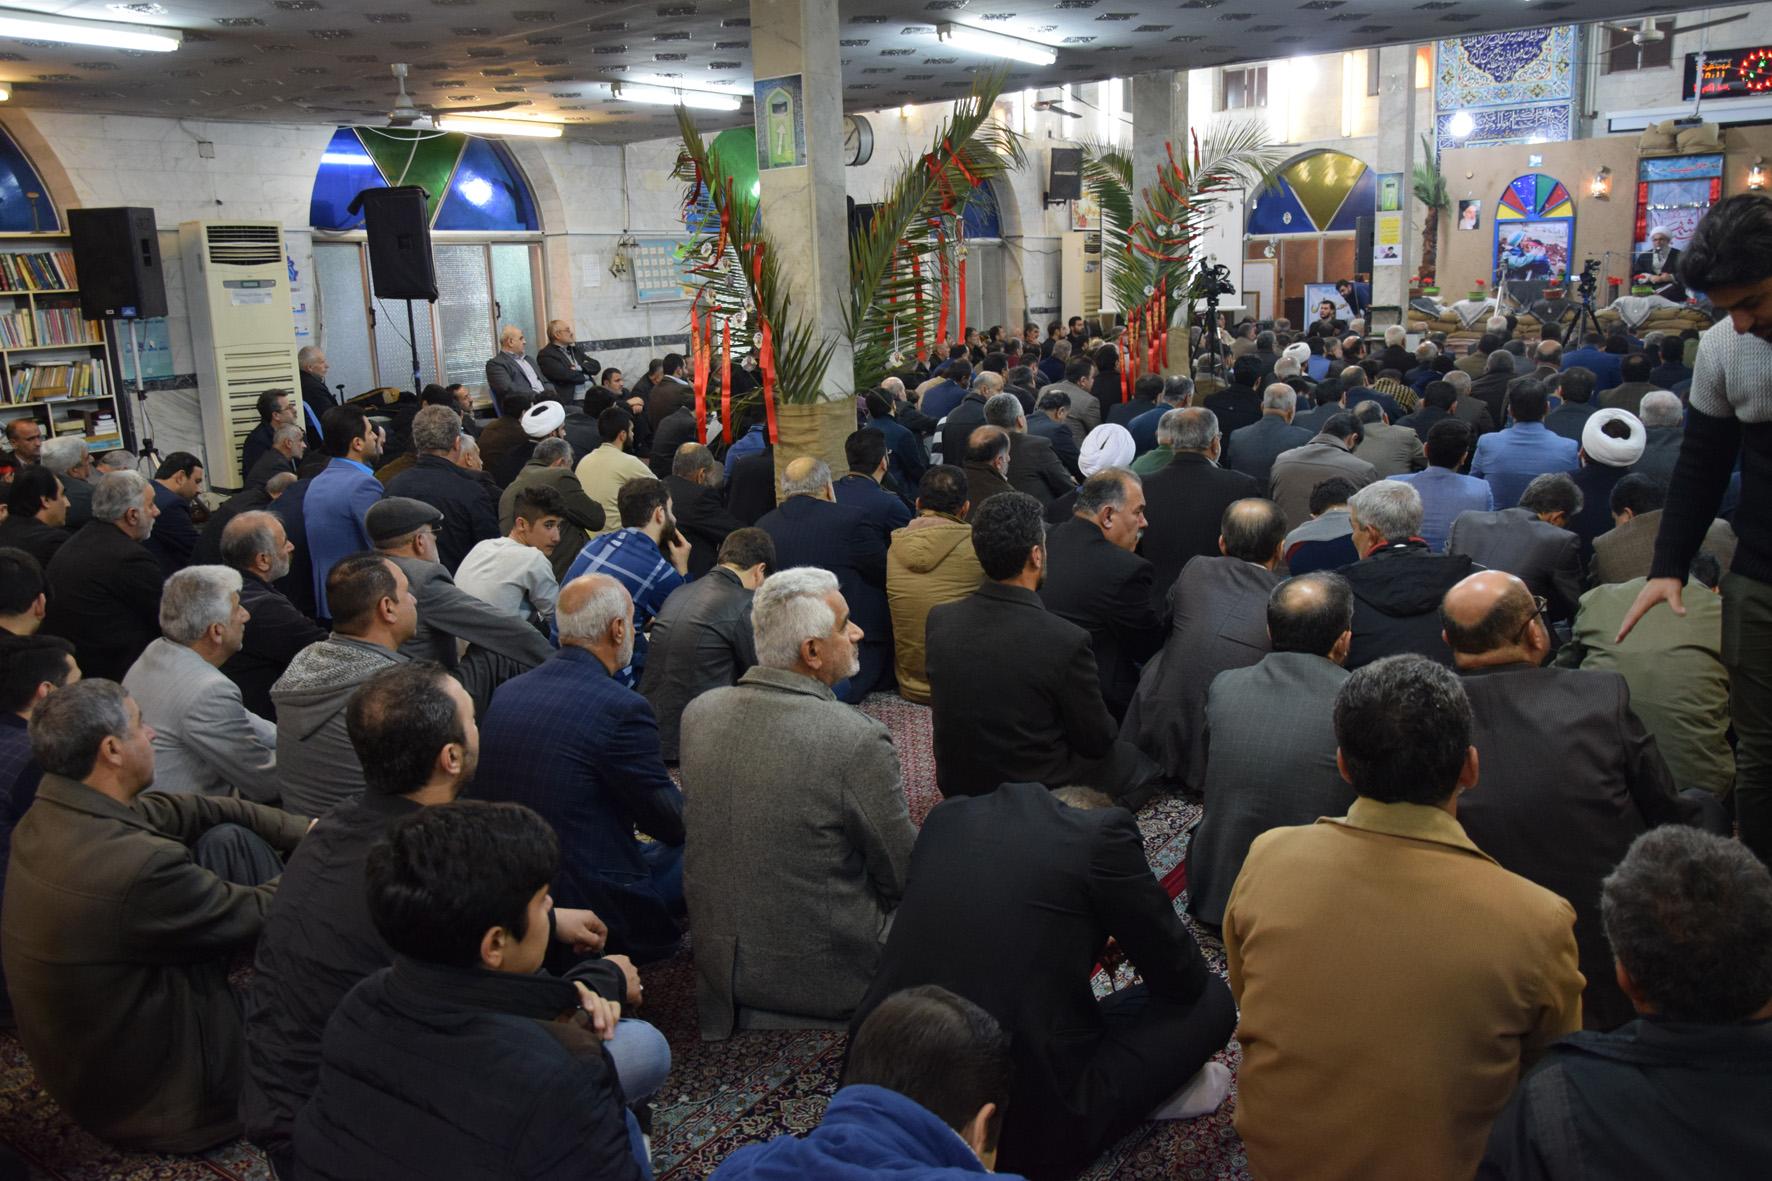 تعارفکردن برای برخورد و مجازات مفسدان، پایههای اسلام و انقلاب را به چالش میکشد